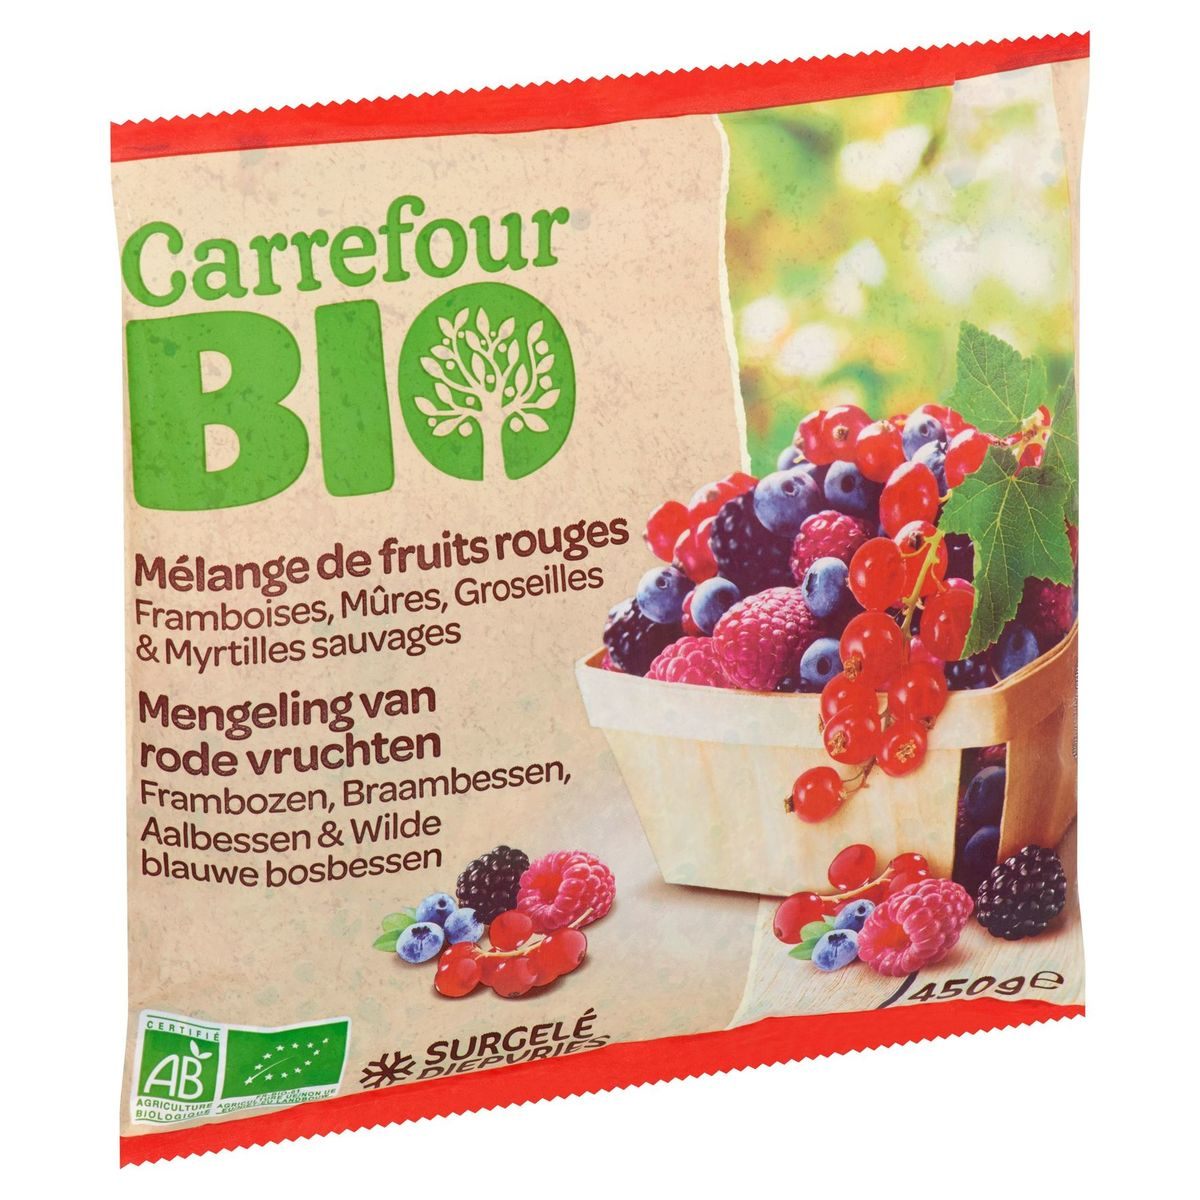 Carrefour Bio Mengeling van Rode Vruchten 450 g